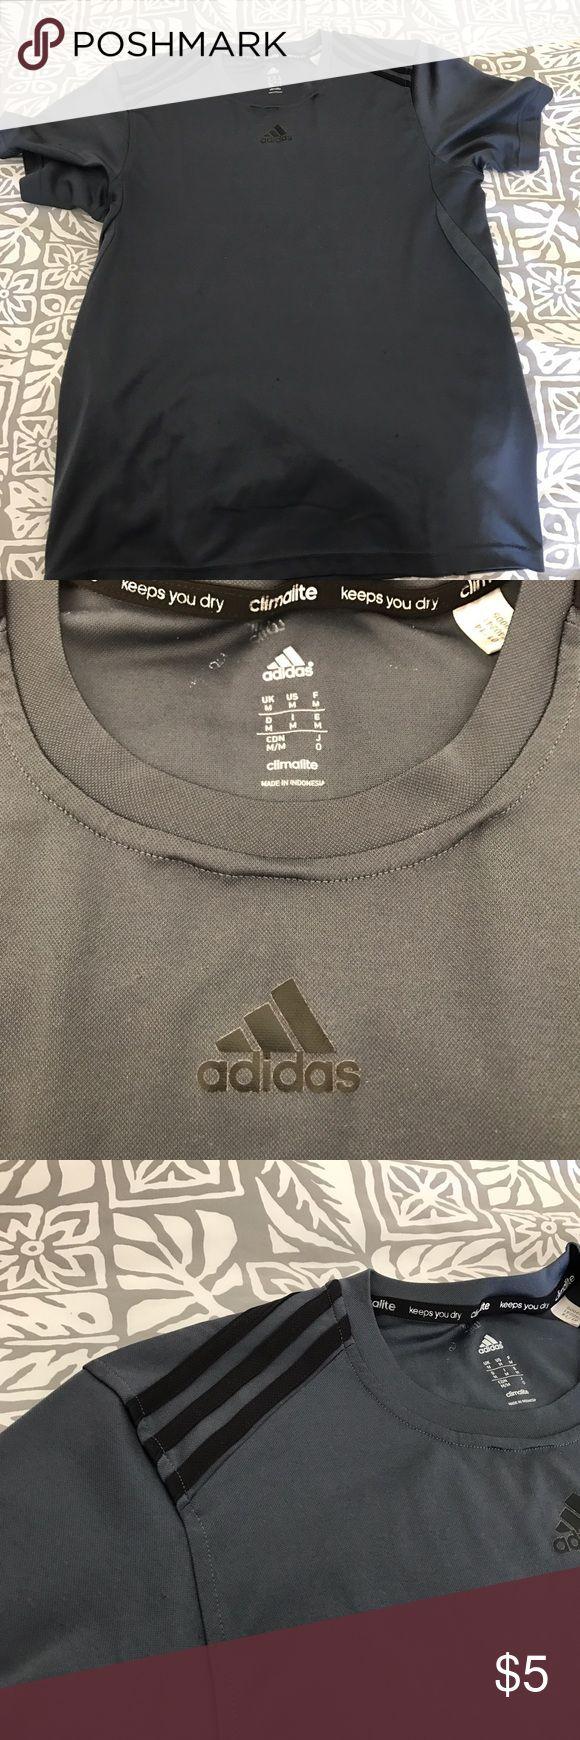 Adidas workout shirt medium Adidas workout shirt men's medium Adidas Shirts Tees - Short Sleeve